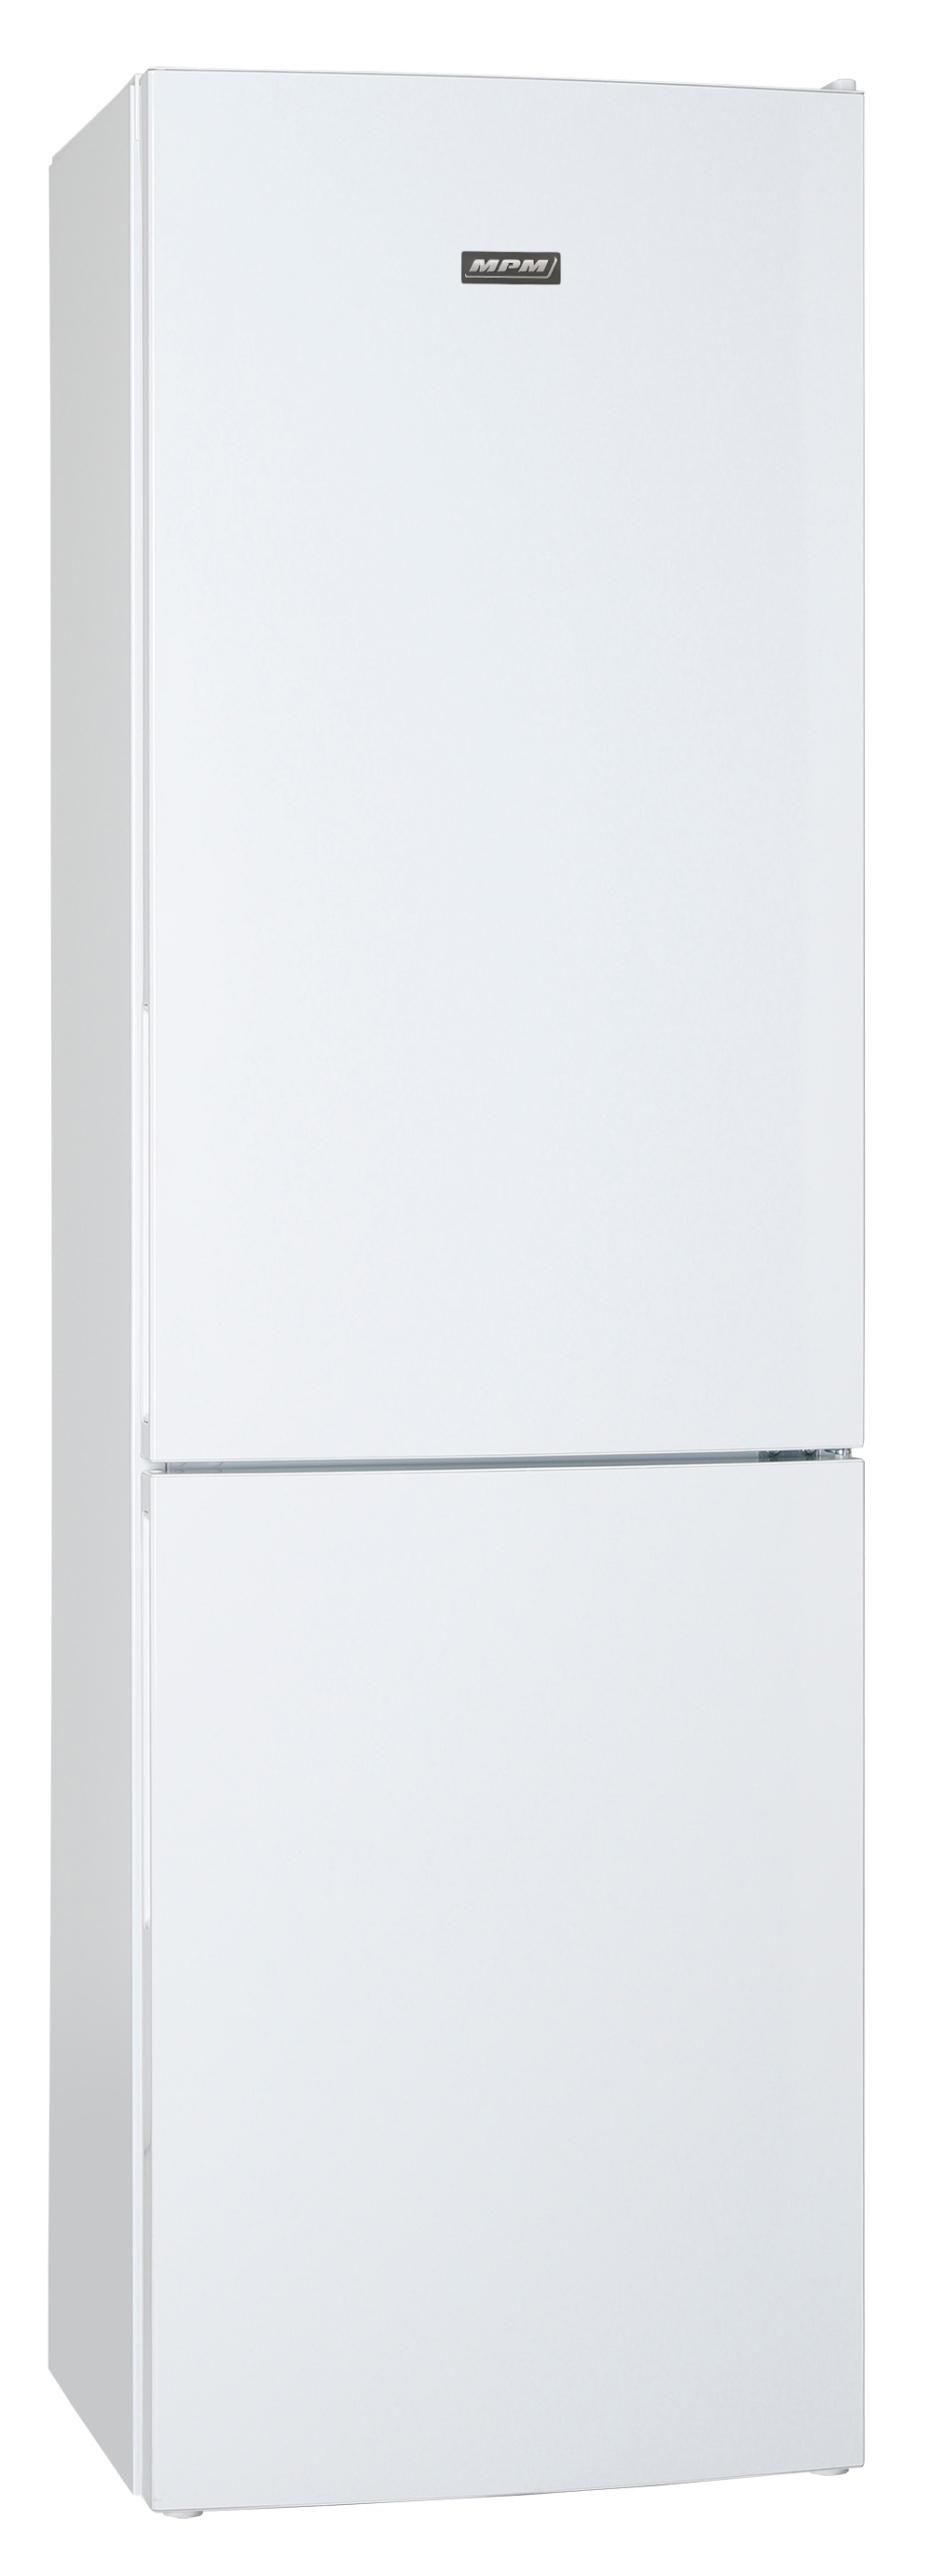 Двухкамерный холодильник-морозильная камера MPM-361-КБ-43 A++ 197cm